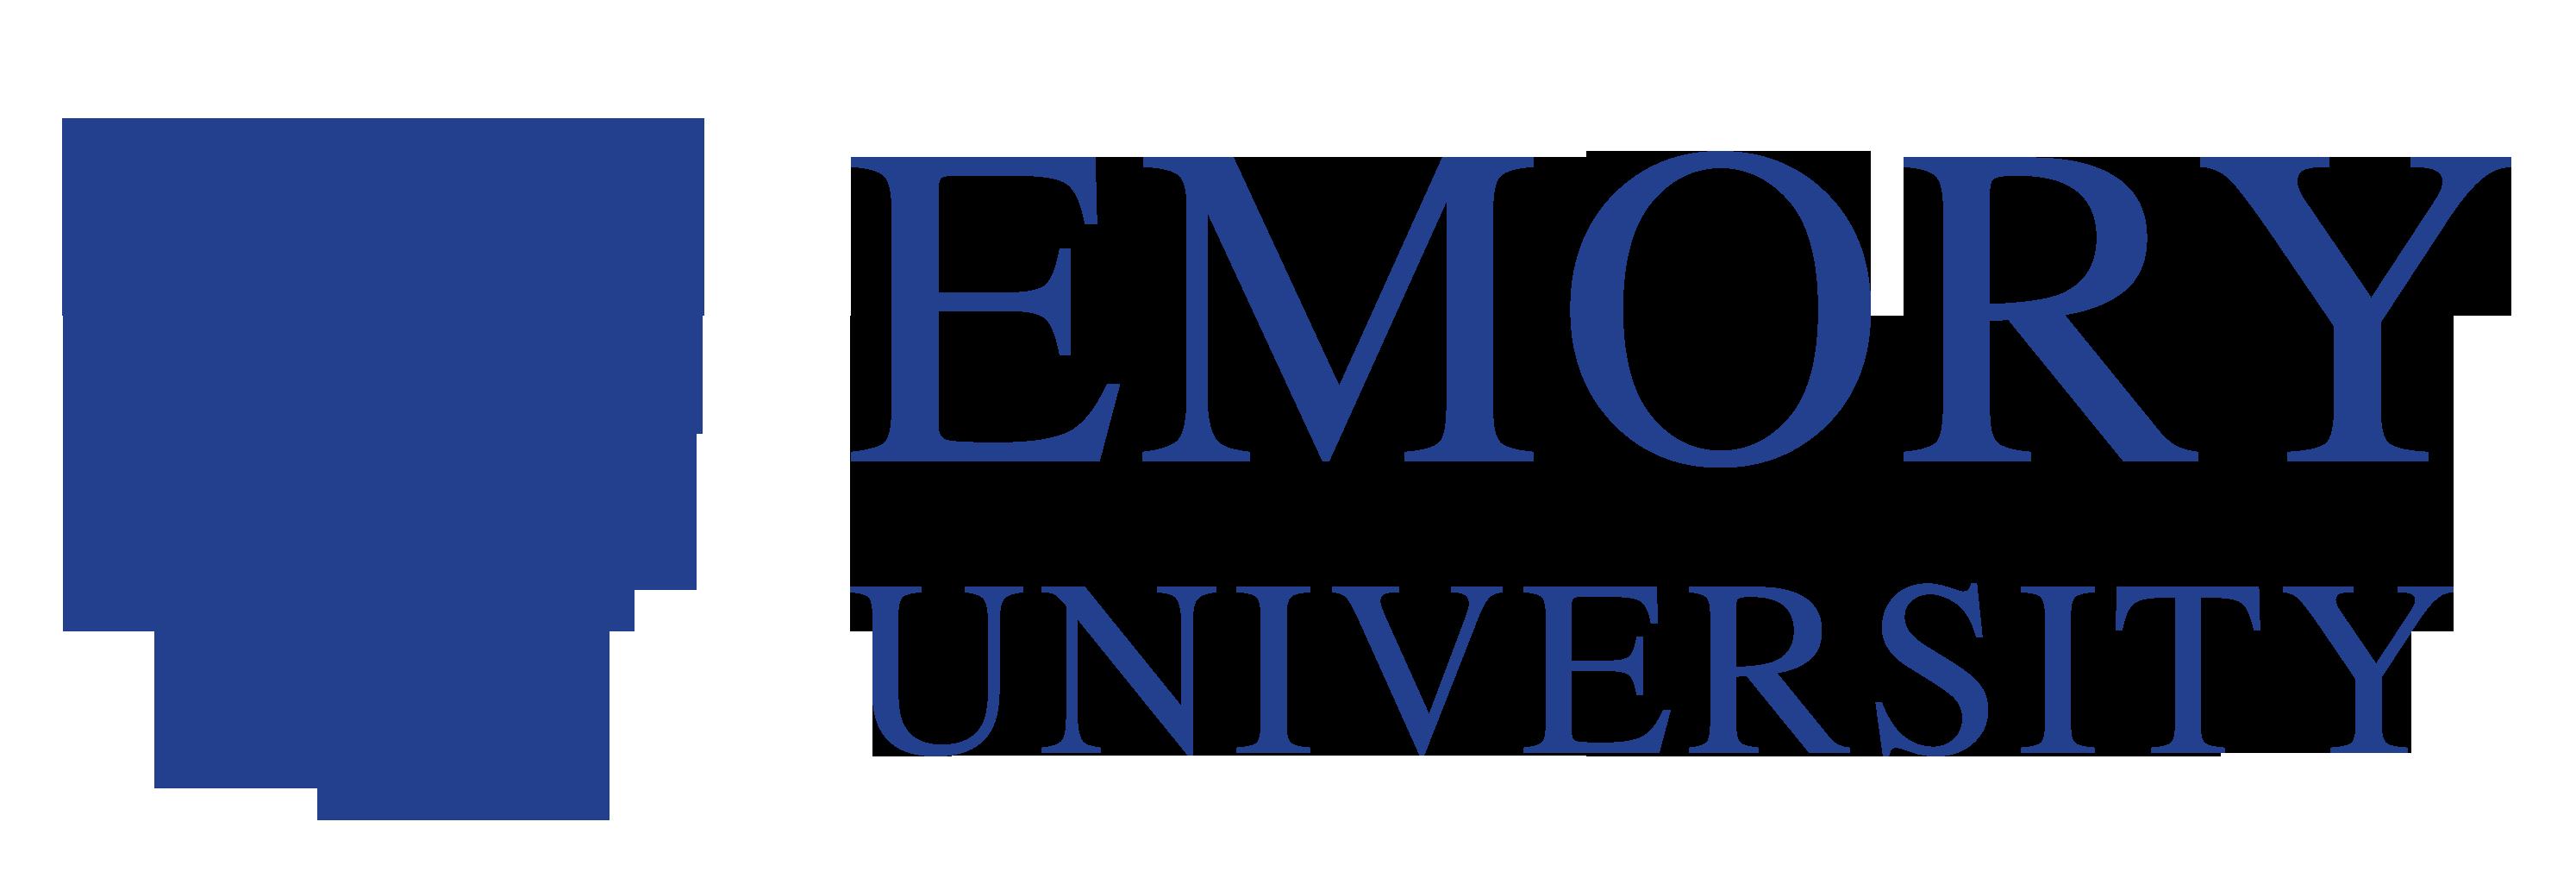 Emory-Univ